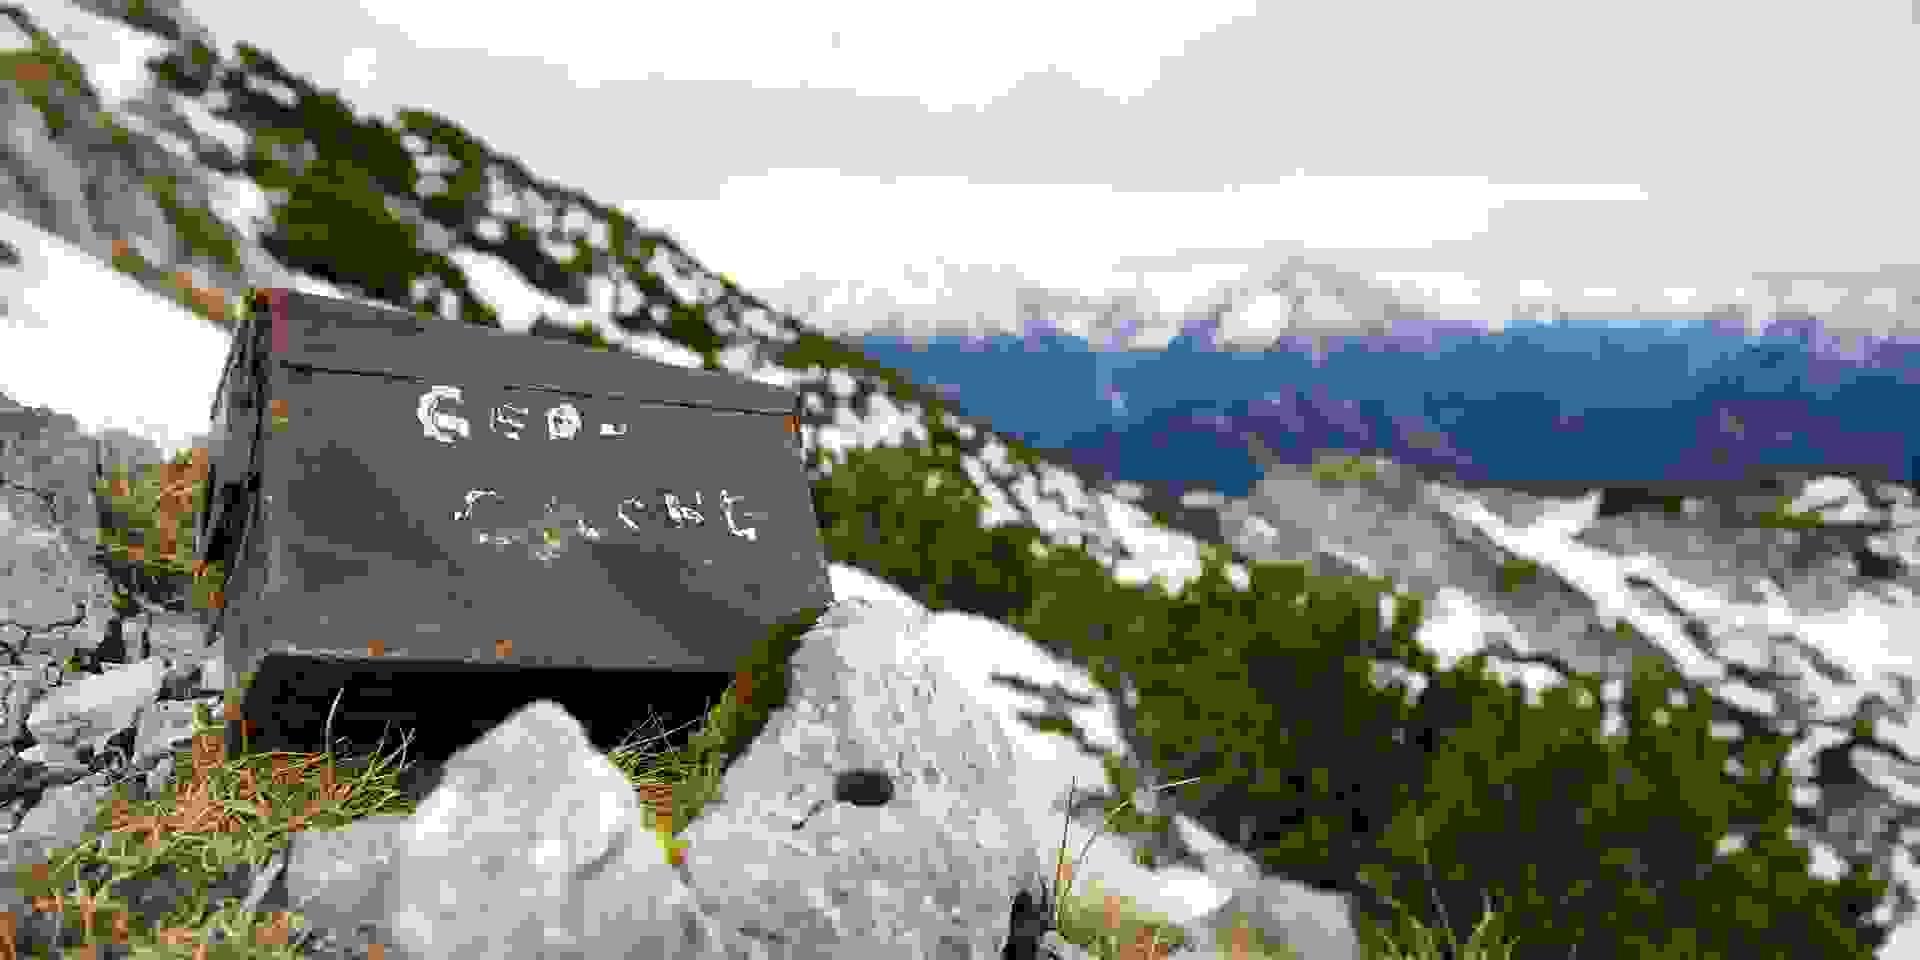 Ein Geocache im Gebirge.